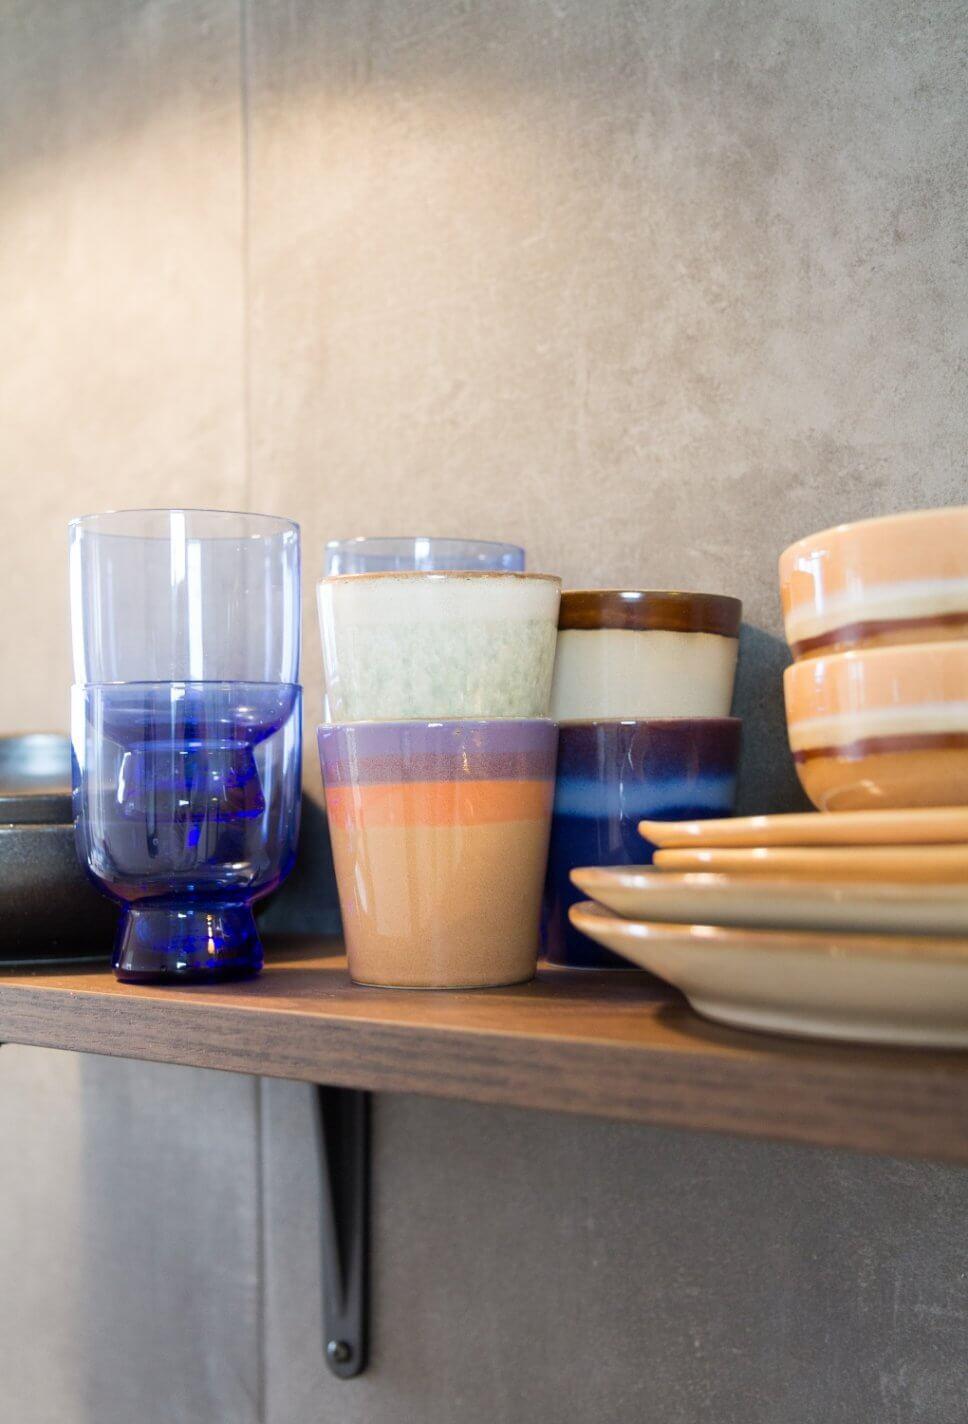 Keramikbecher, Teller und Gläser stehen auf Regalbord